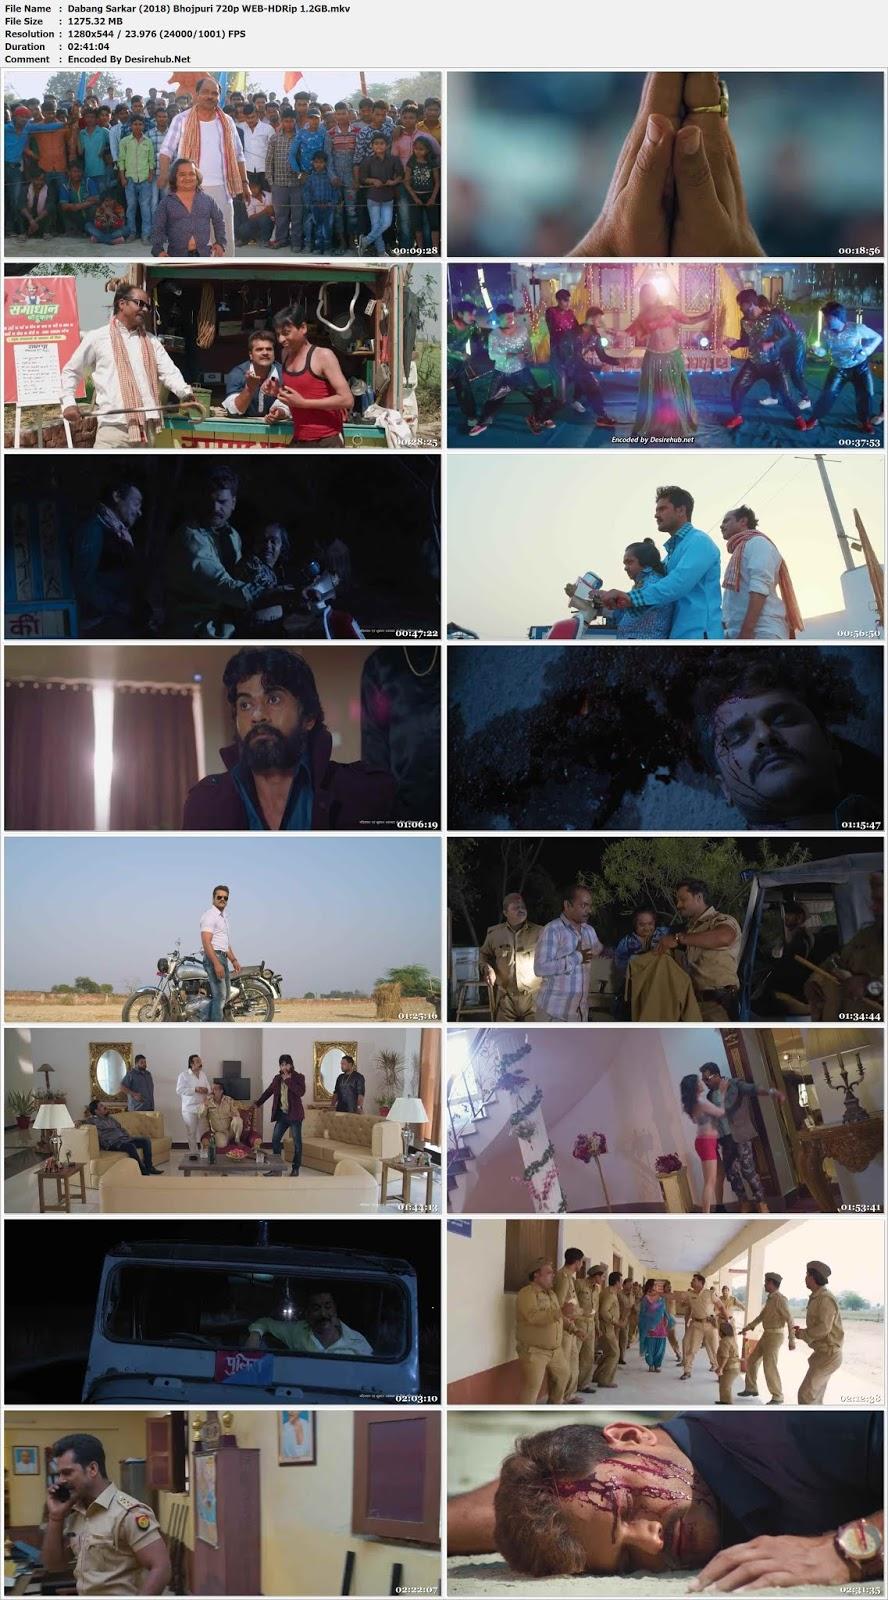 Dabang Sarkar (2018) Bhojpuri 480p WEB-HDRip 600MB Desirehub